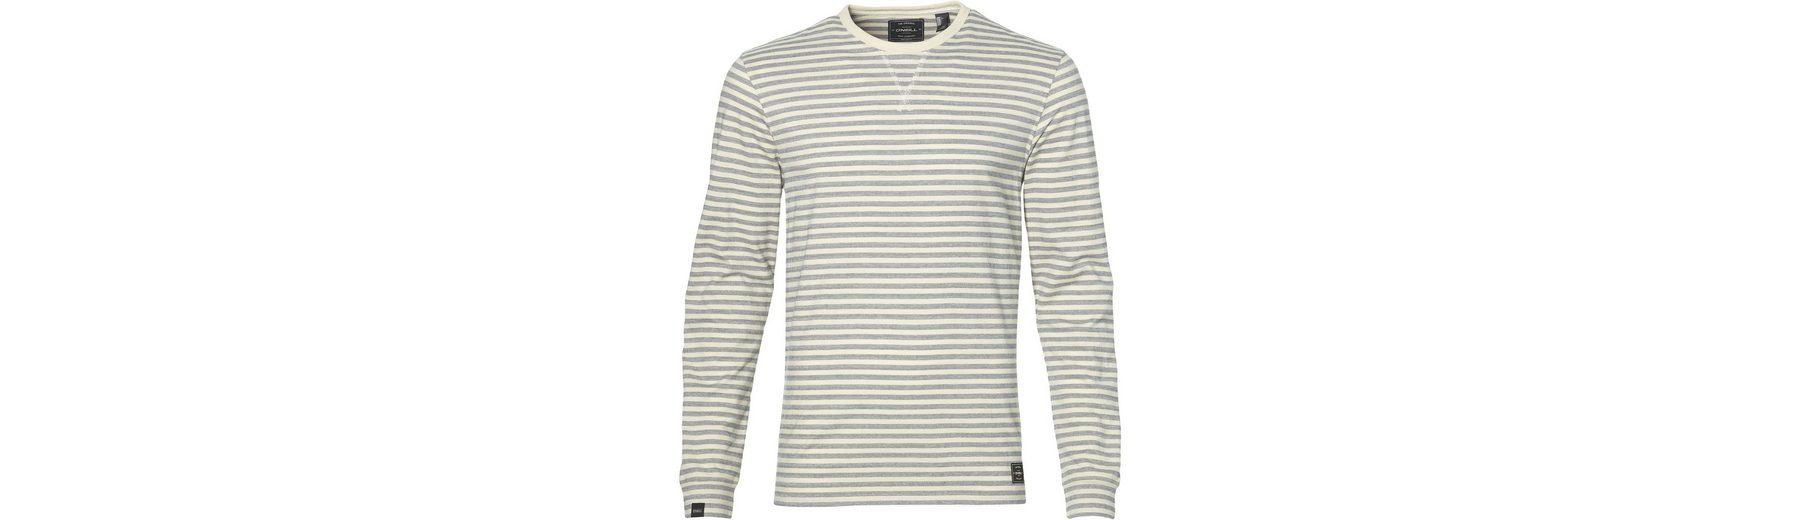 Großer Verkauf Online Billig Verkauf Ebay O'Neill T-Shirt langärmlig Jack's special Freie Verschiffen-Websites Eastbay Günstig Online lxM4XCC